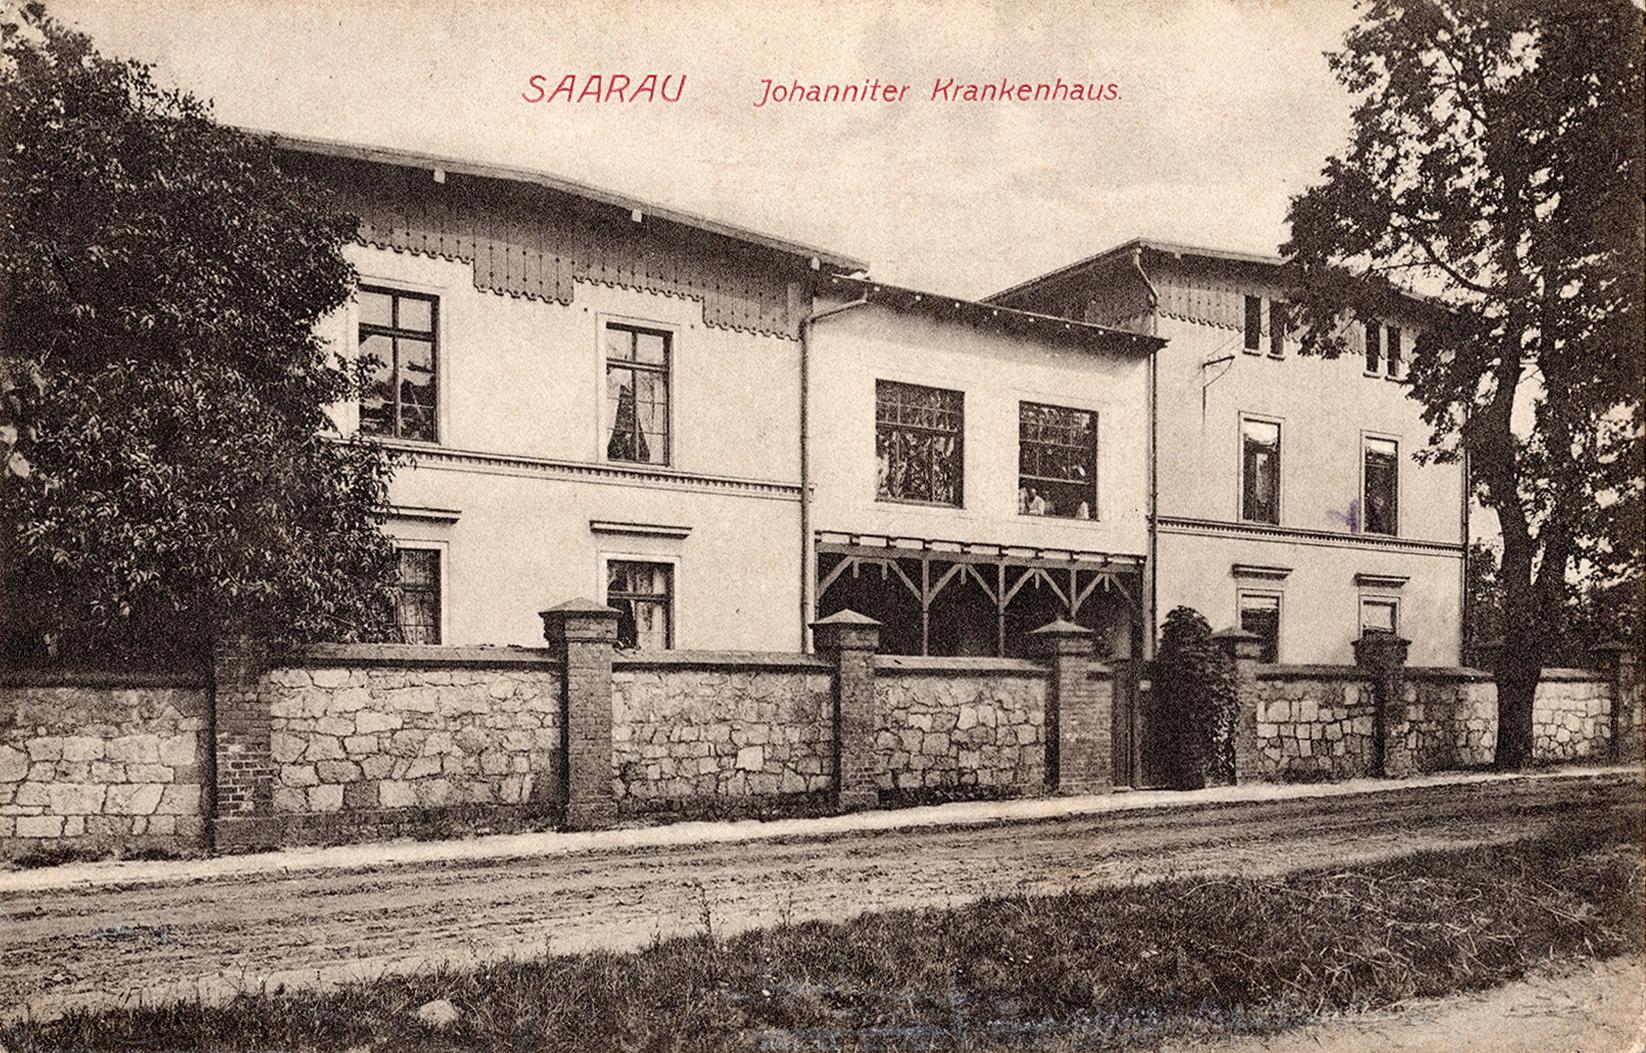 Saarau Johanniter Krakenhaus 1916 (1)